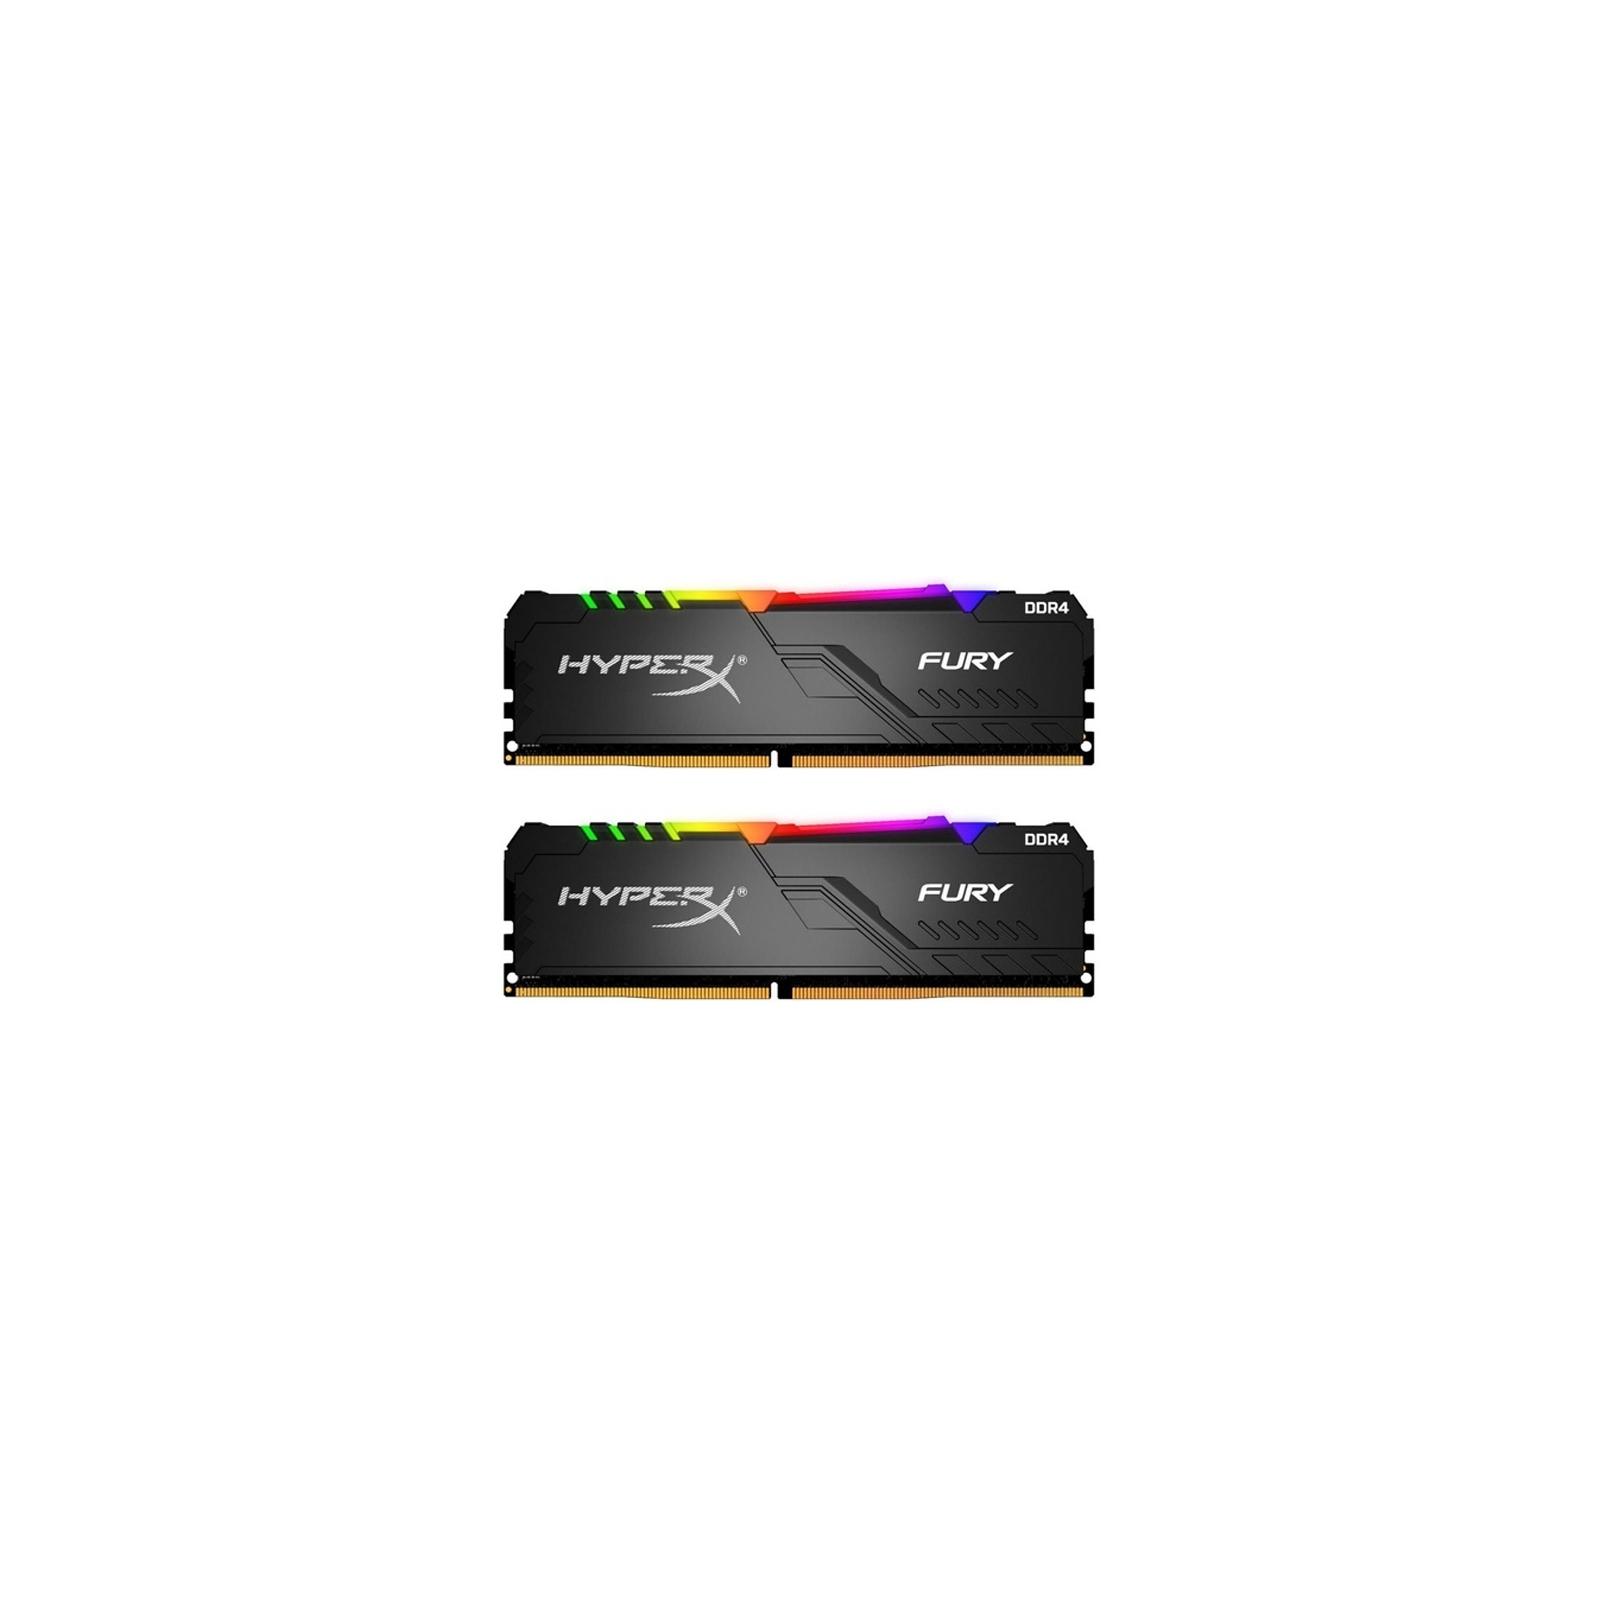 Модуль памяти для компьютера DDR4 16GB (2x8GB) 3200 MHz HyperX FURY RGB Kingston (HX432C16FB3AK2/16)